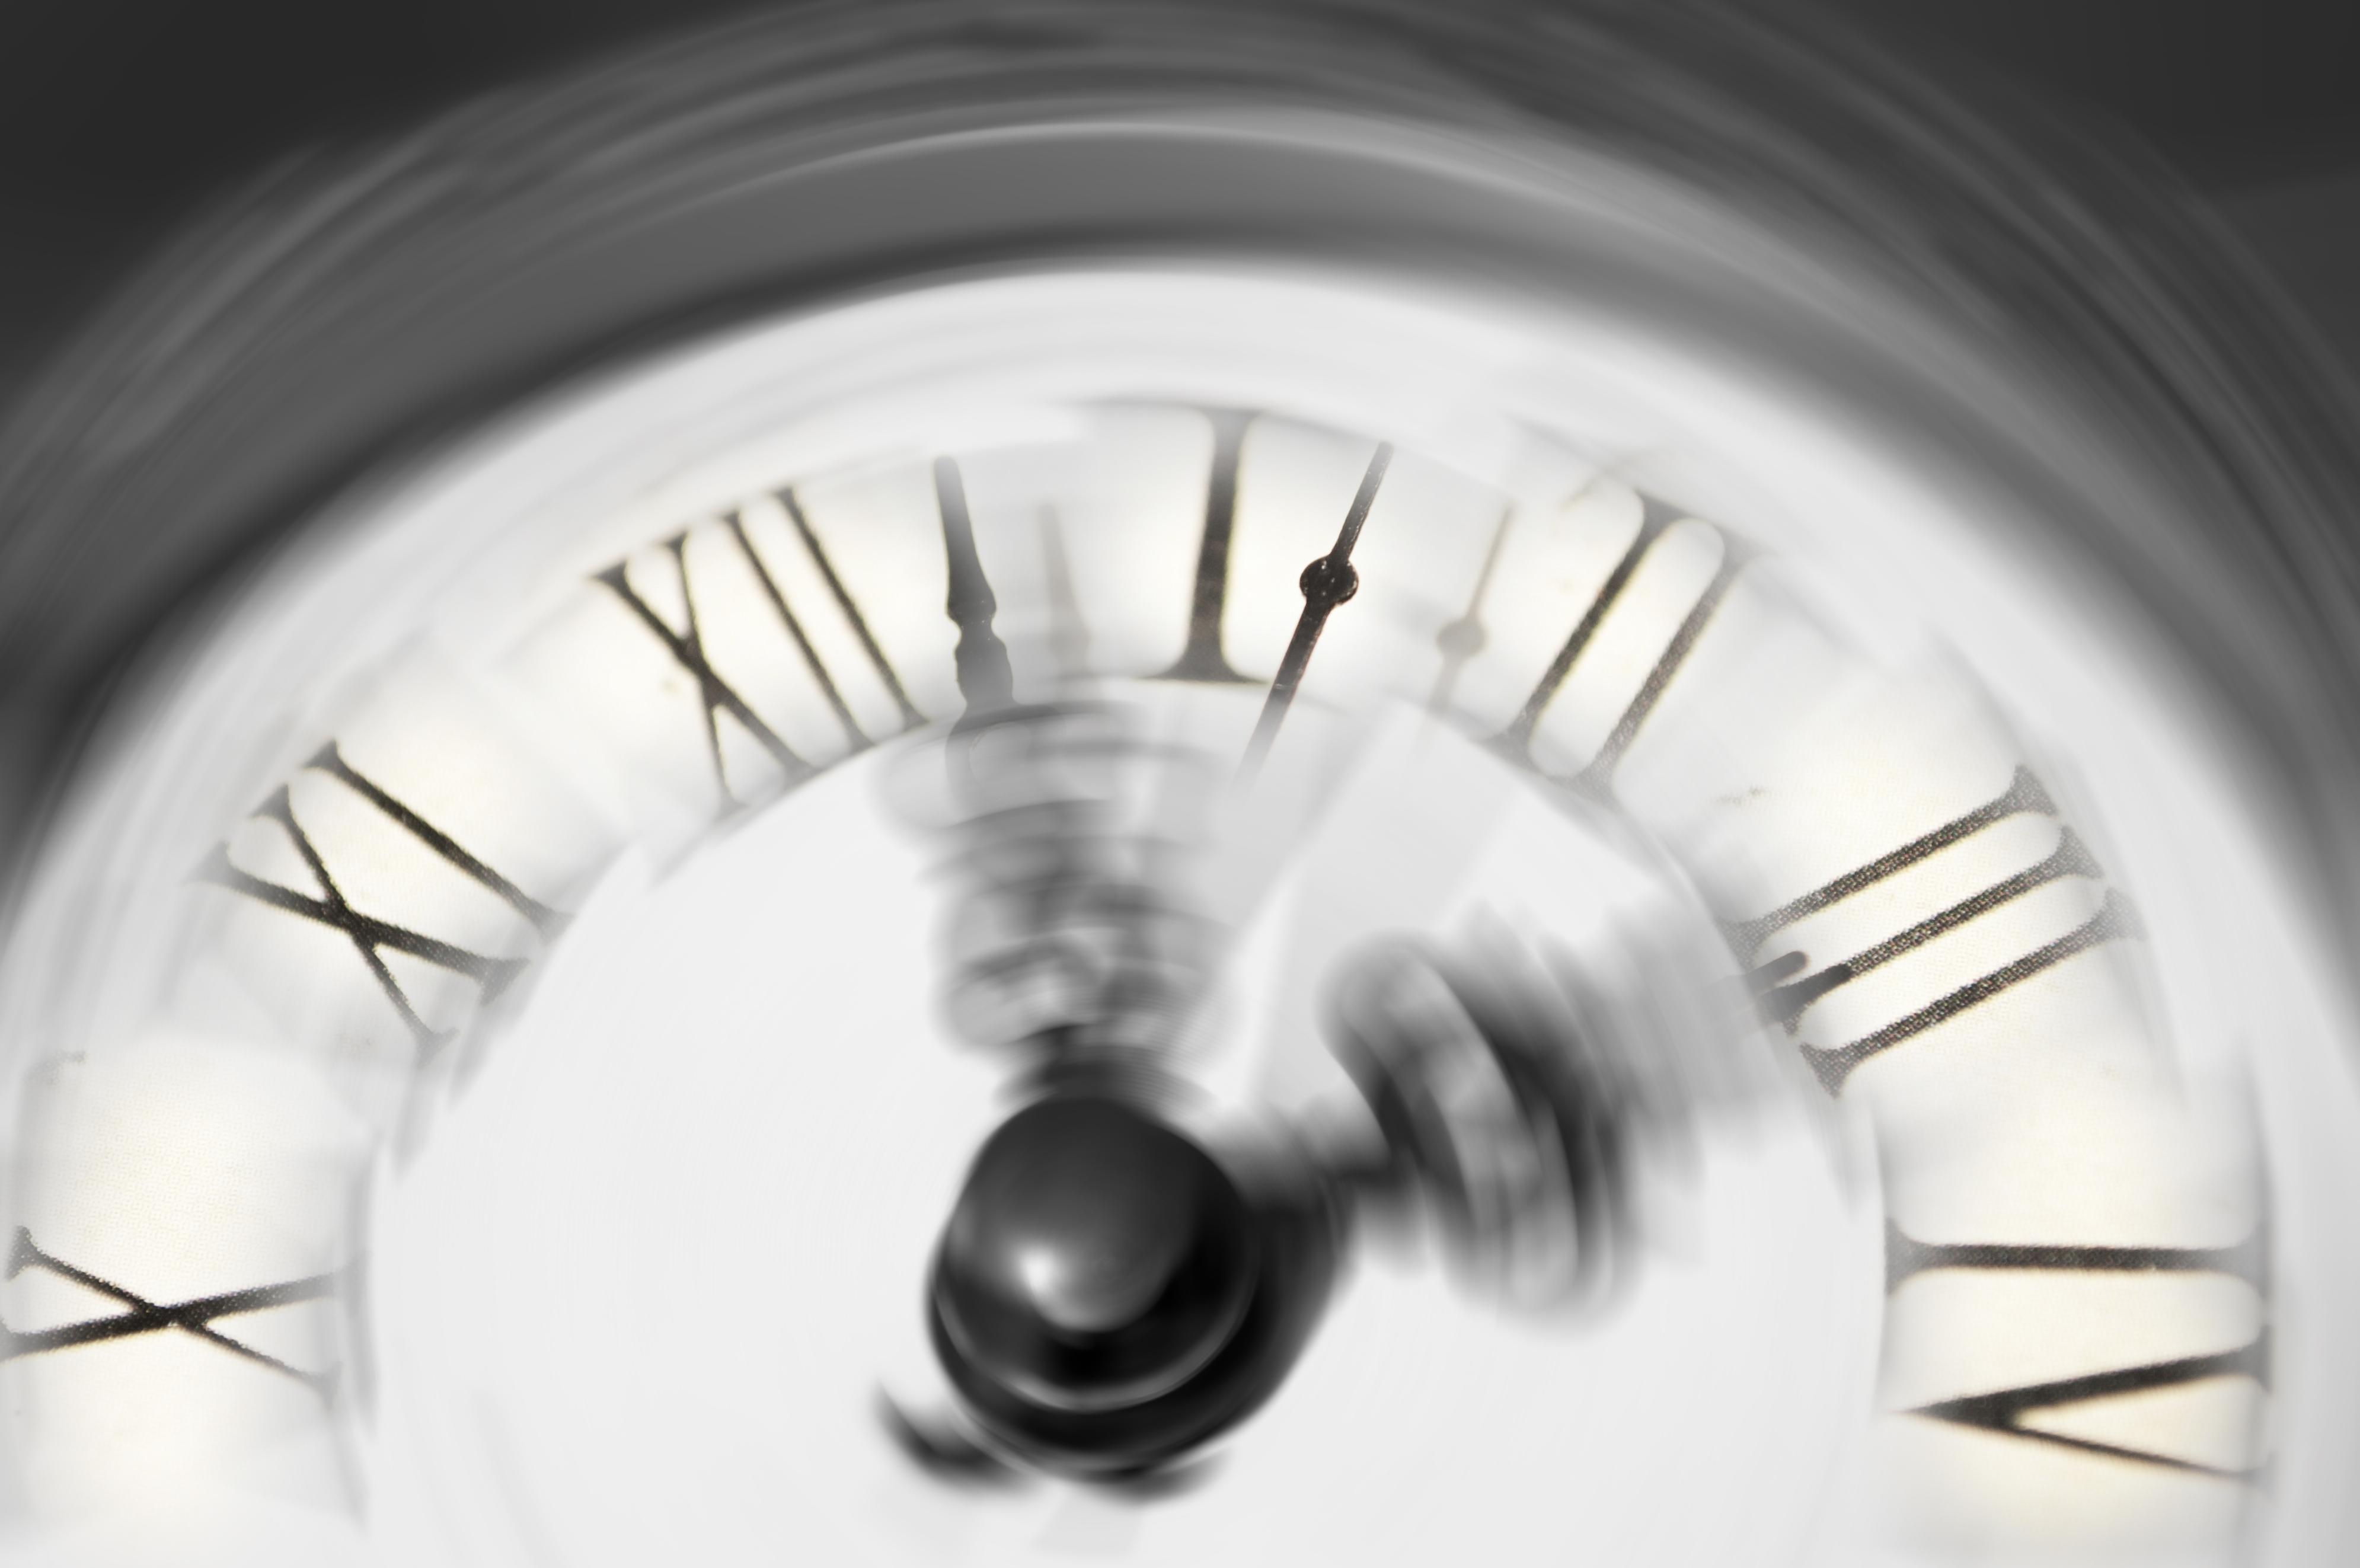 لماذا نشعر أن السنوات تمر أسرع كلما تقدمنا في العمر؟